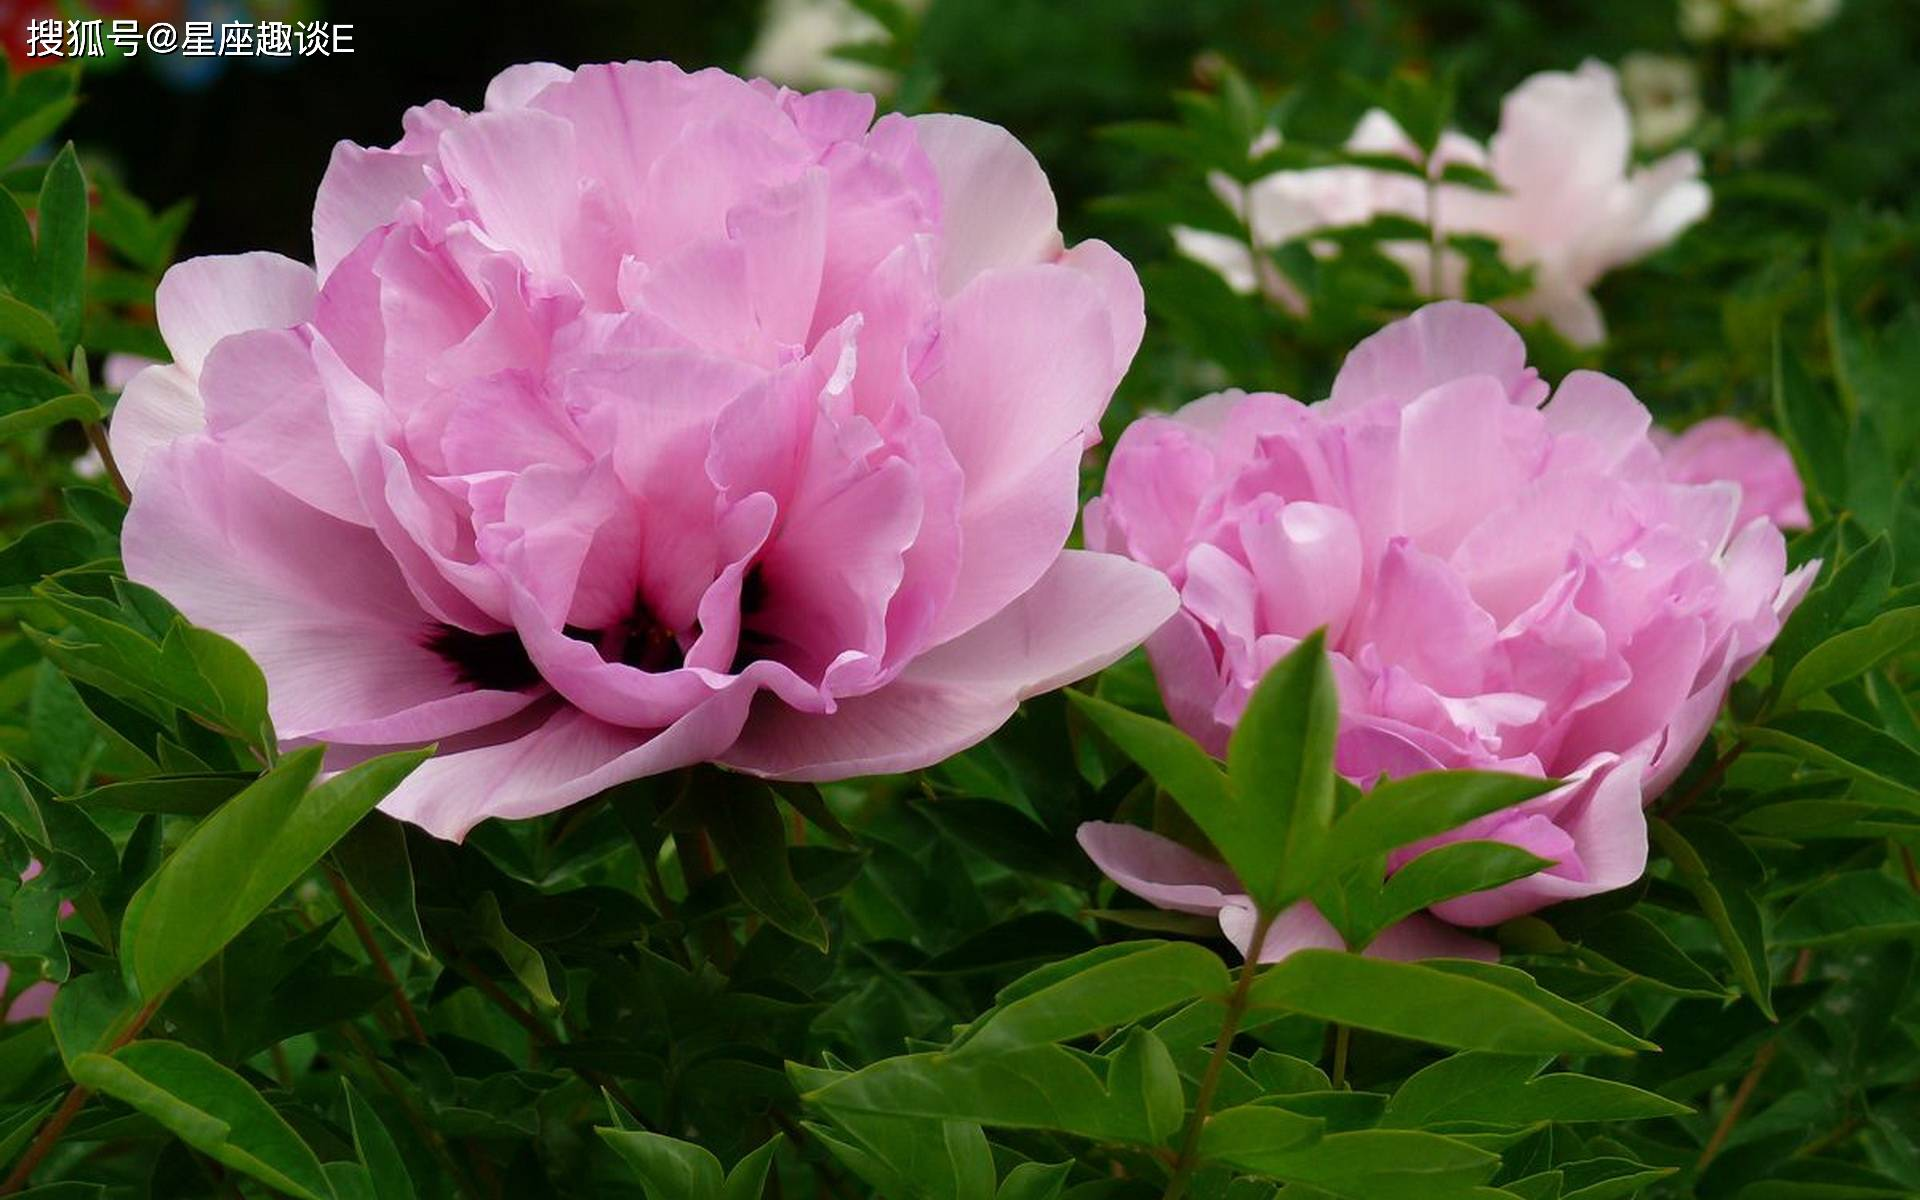 在4月中旬,桃花绽放,真爱涌现,佳人成双的三大星座  第1张